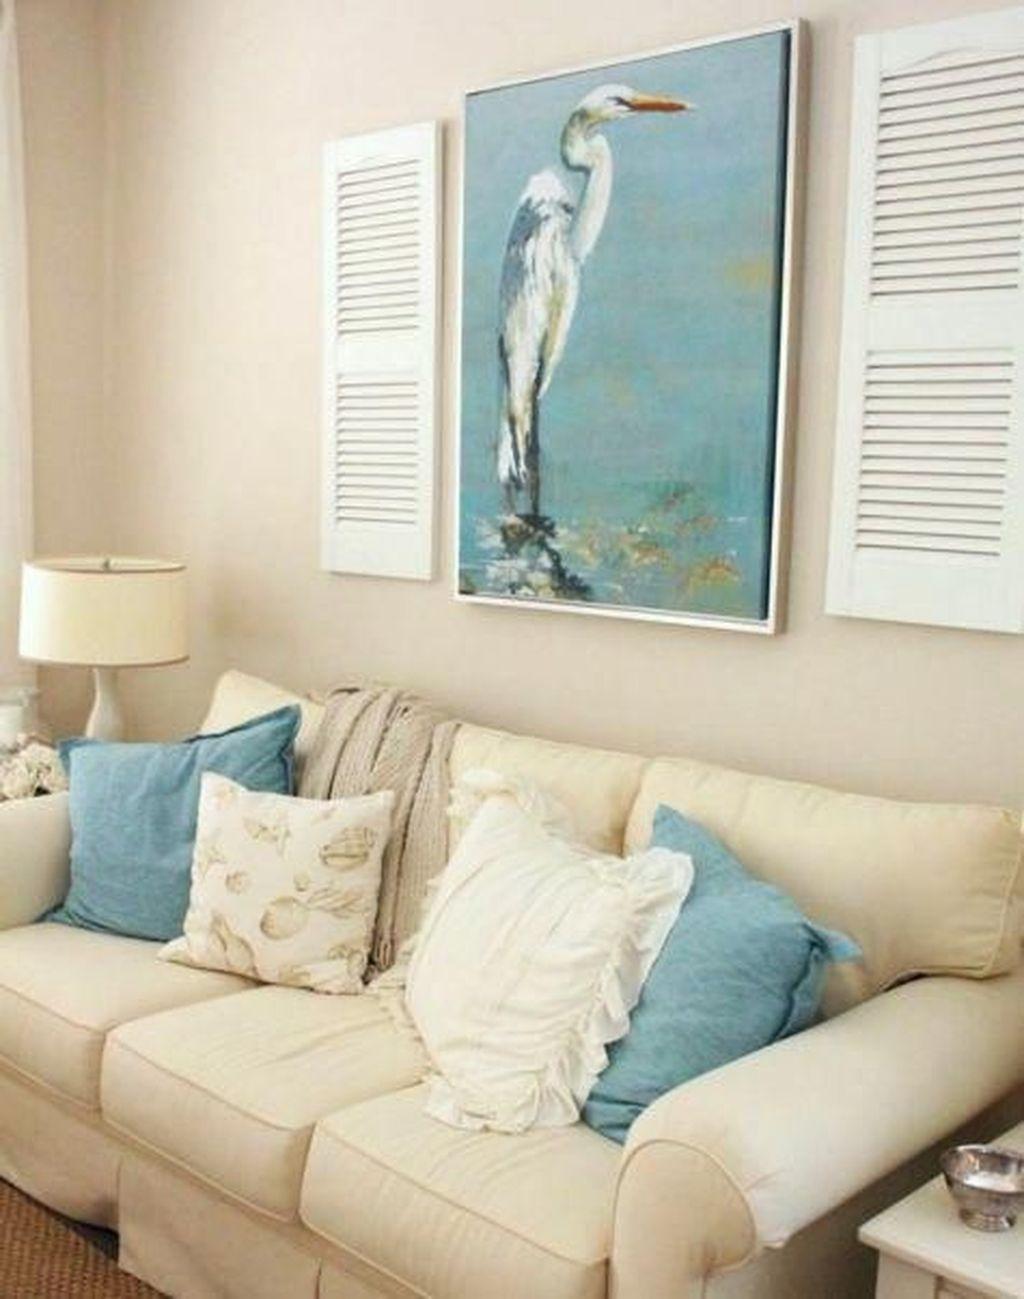 Inspiring Nautical Wall Decor Ideas For Living Room 02